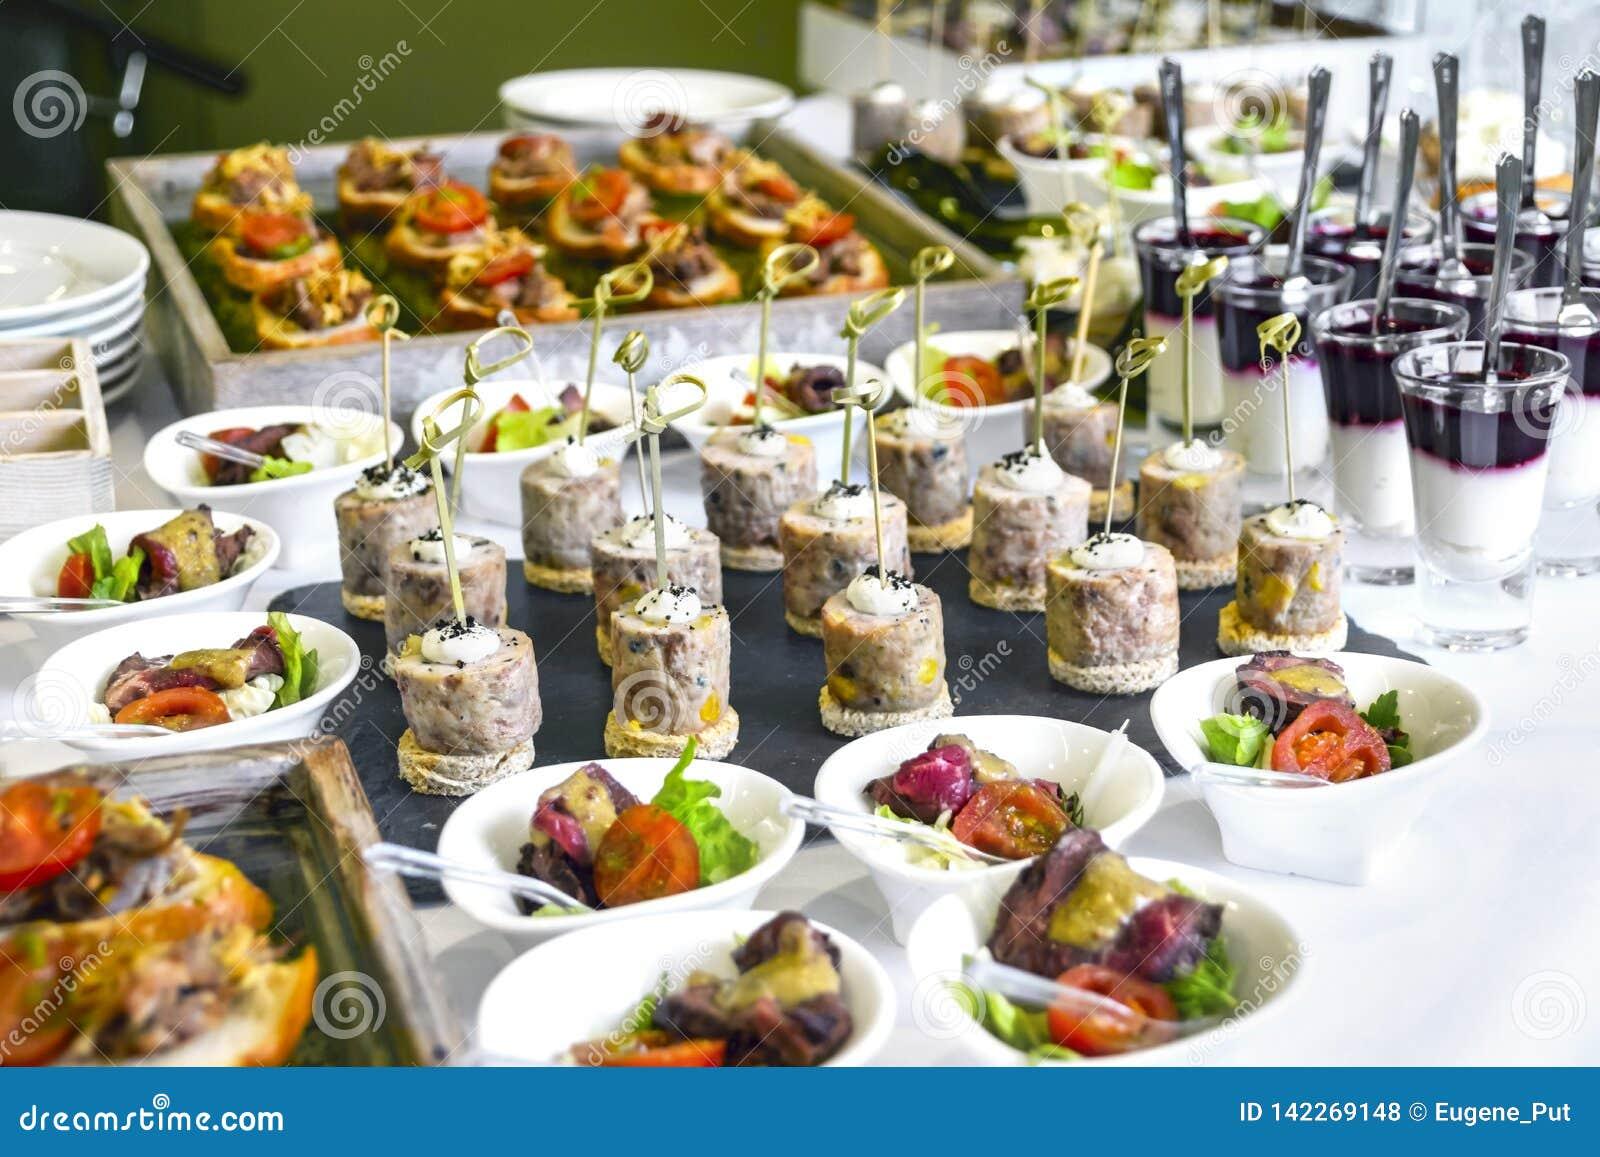 Έννοια υπηρεσιών τομέα εστιάσεως: Ανάμεικτα πρόχειρα φαγητά που εξυπηρετούνται σε έναν εορτασμό επιχειρησιακού γεγονότος, ξενοδοχ